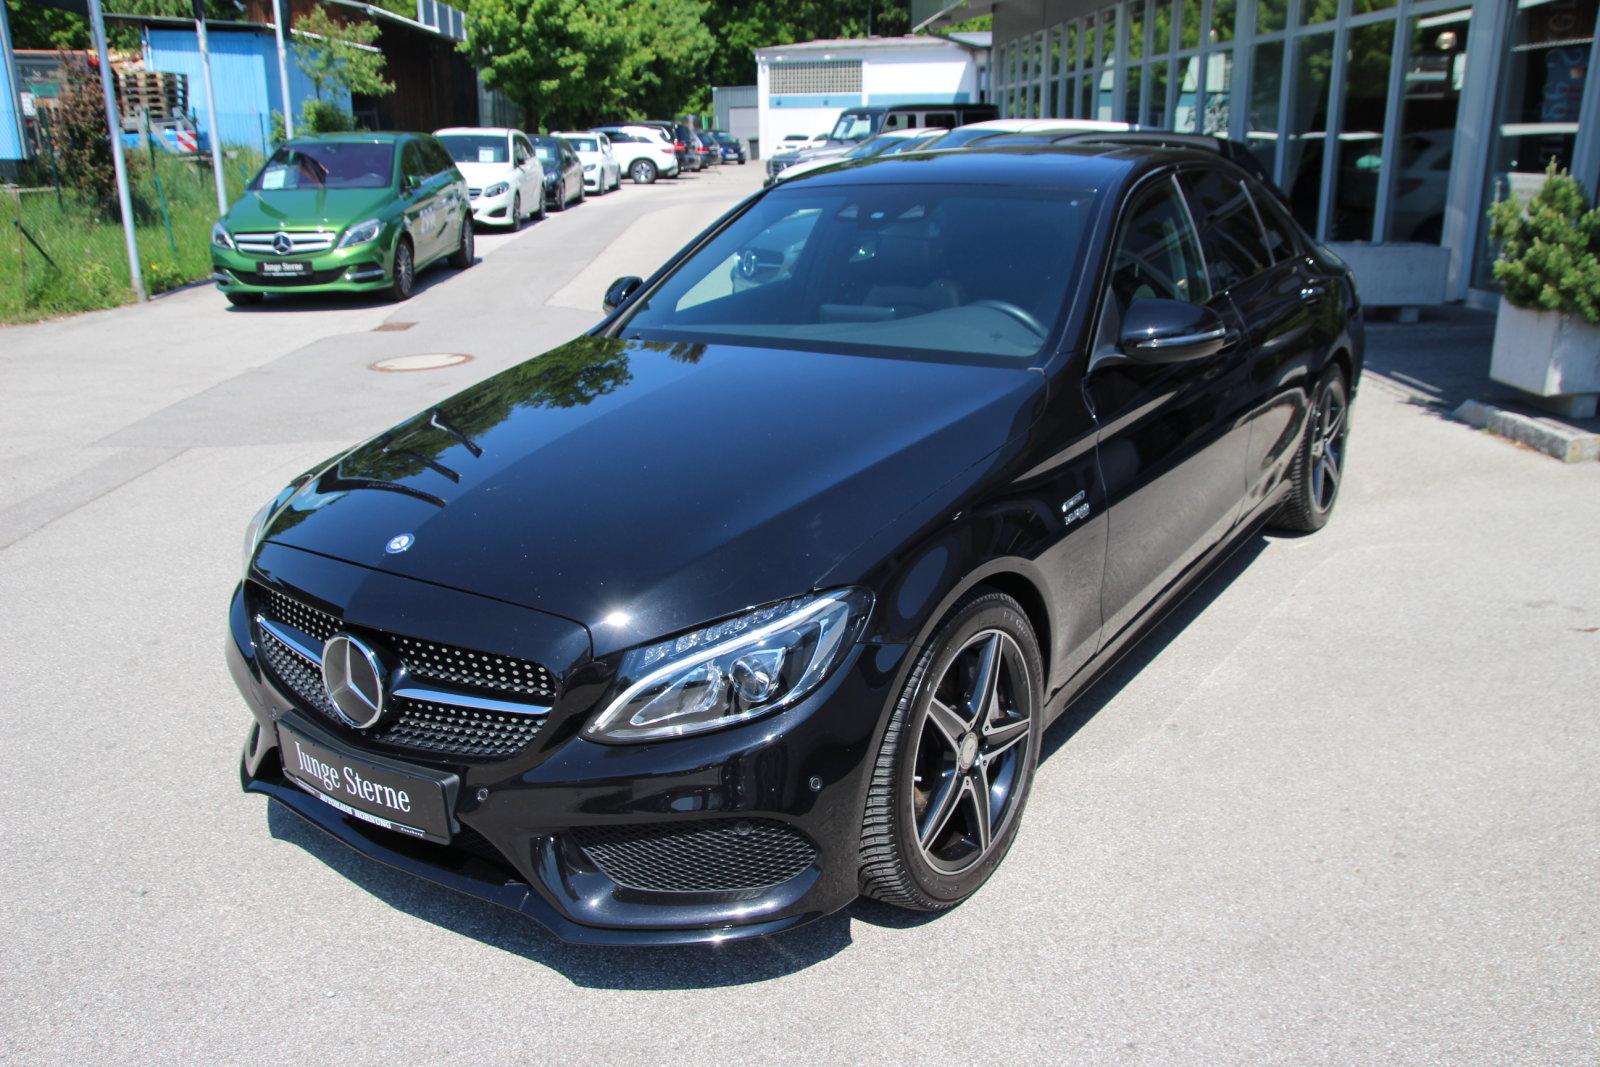 Mercedes-Benz C 43 / C 450 4MATIC /Night/Memory/Distr/Sound, Jahr 2016, Benzin